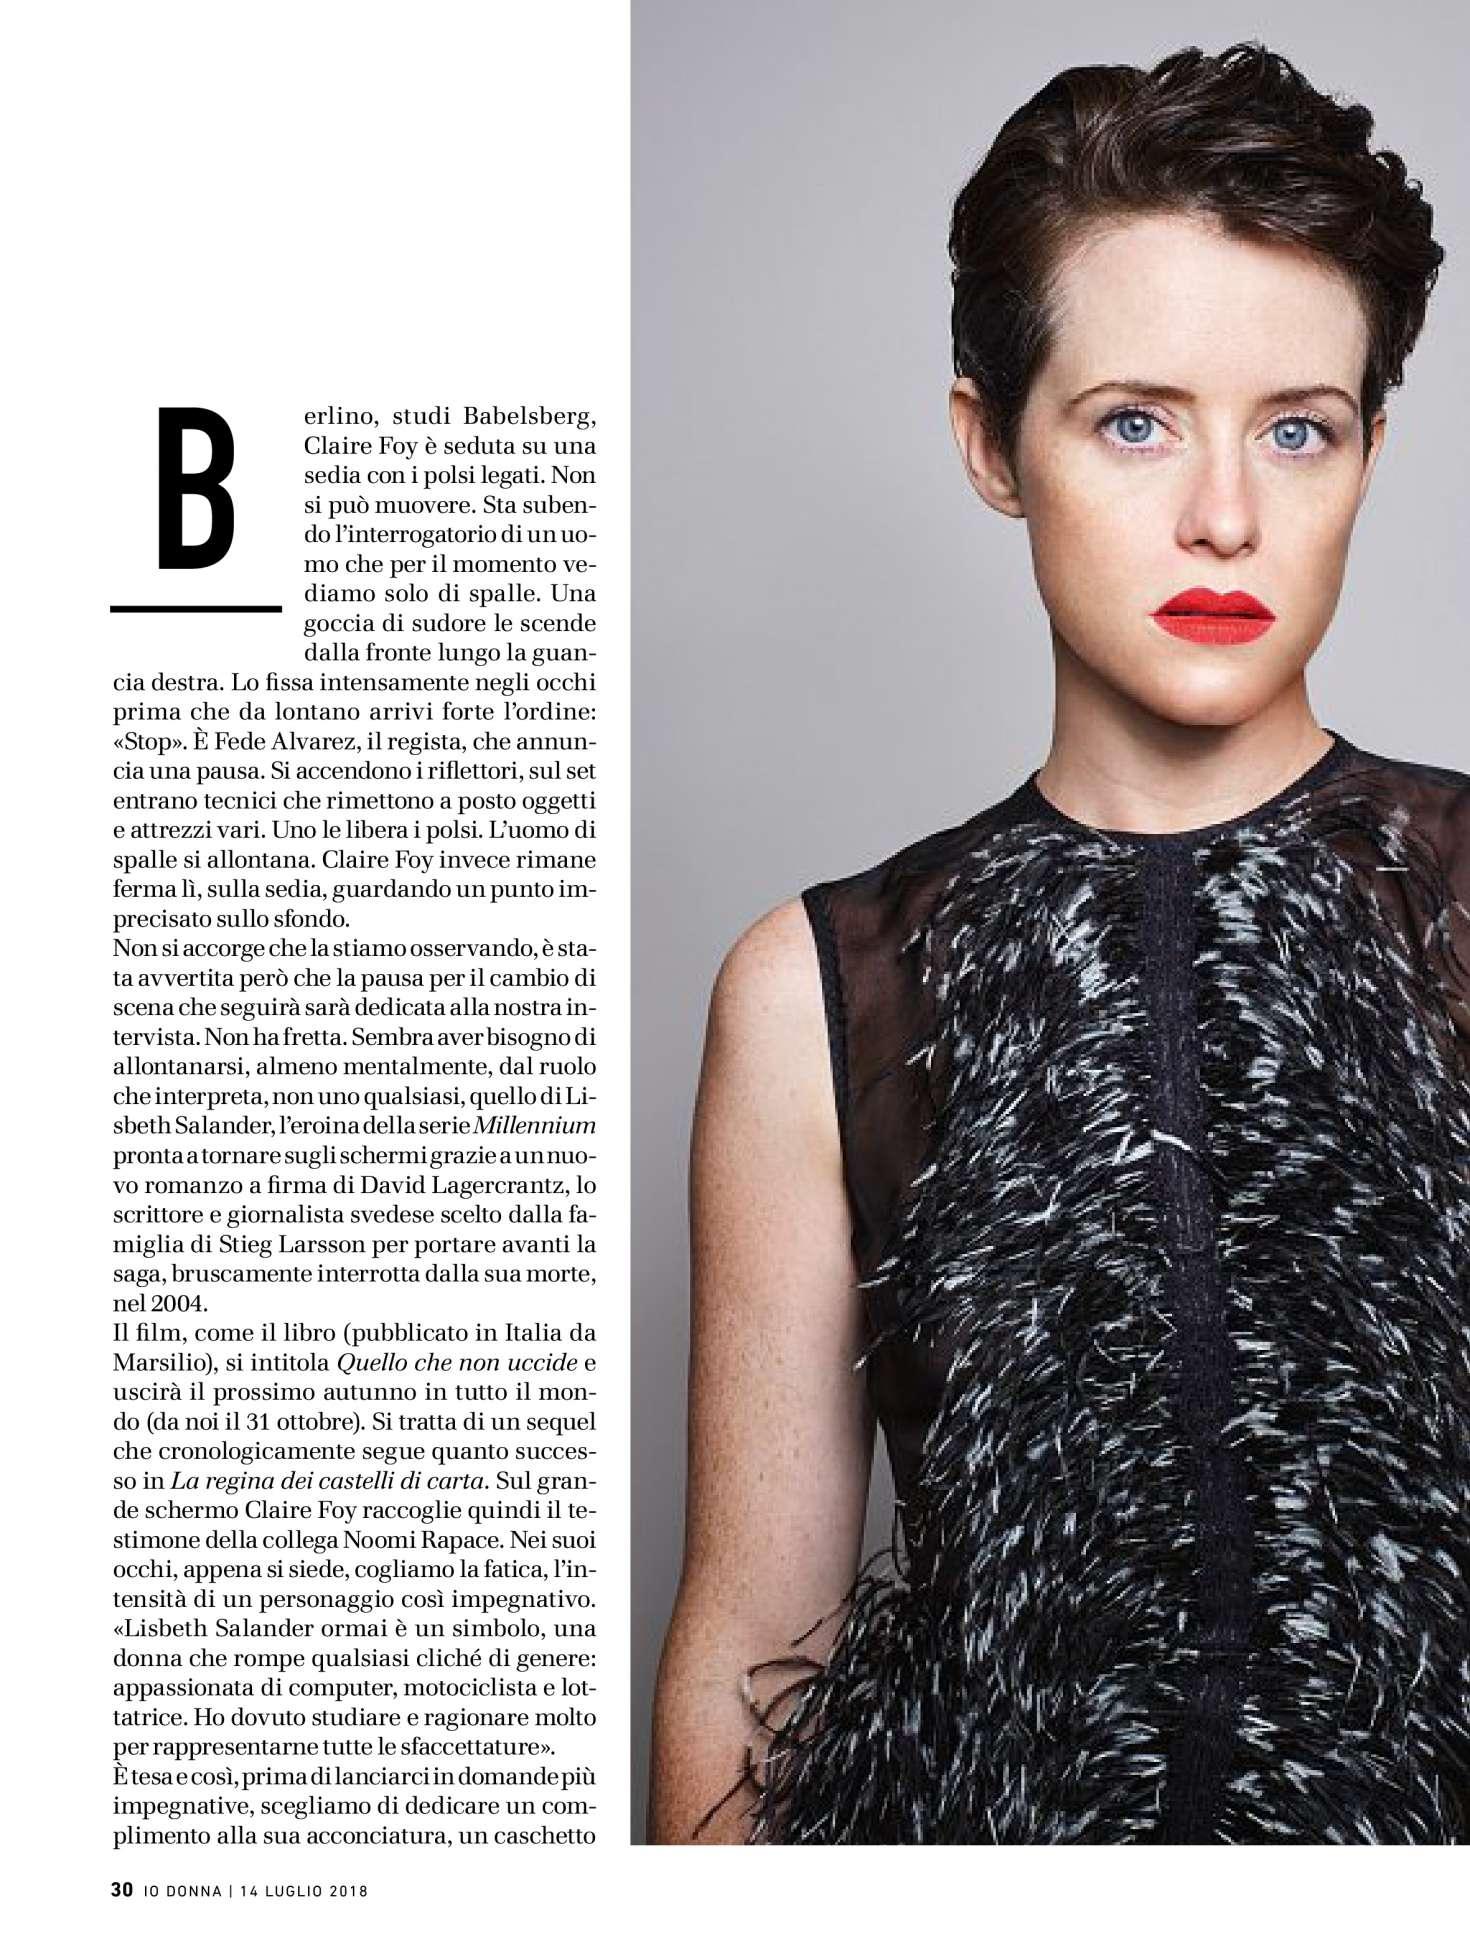 Claire Foy 2018 : Claire Foy: Io Donna del Corriere della Sera 2018 -05